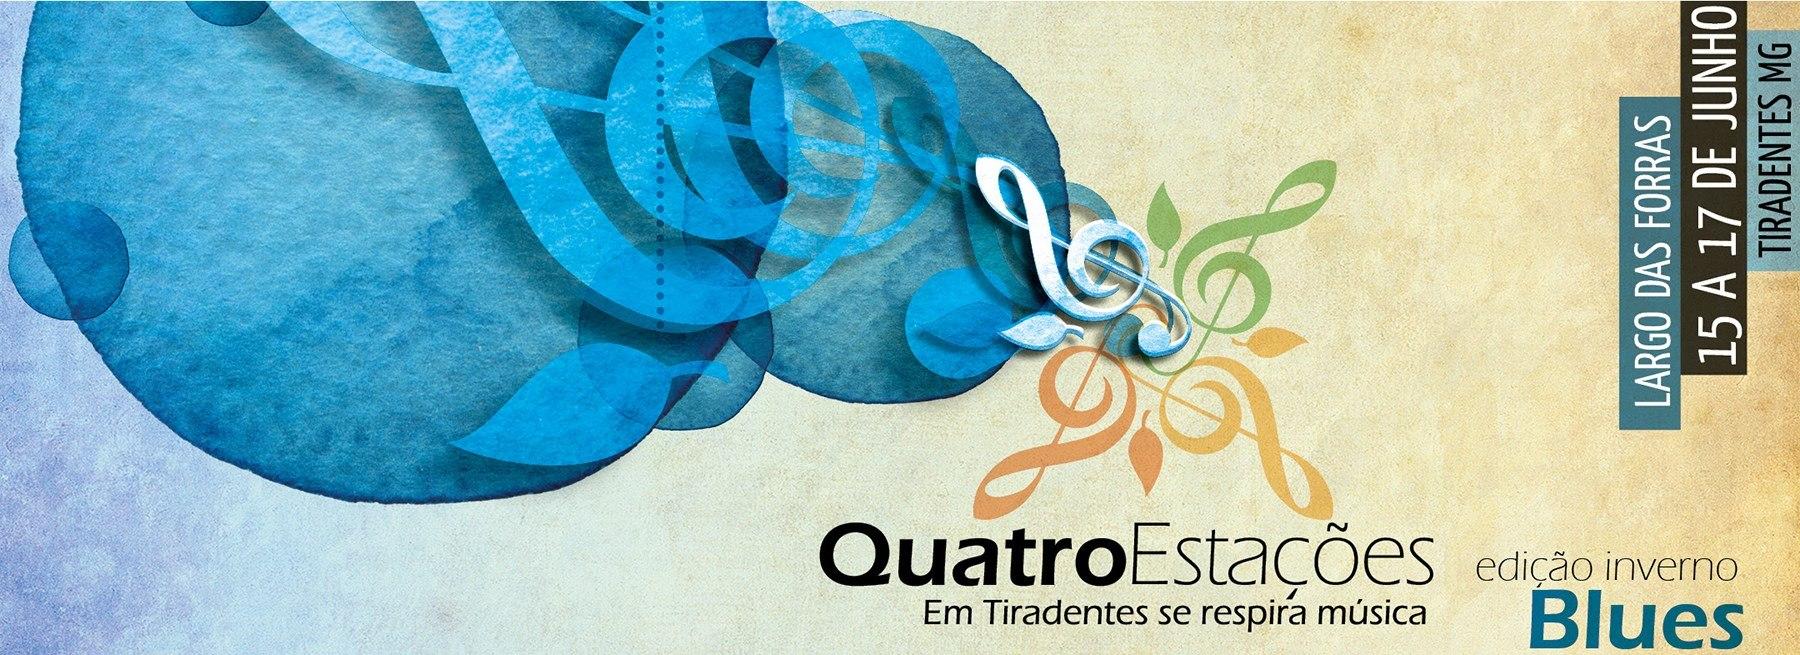 A segunda edição do Quatro Estações Festival reunirá, entre os dias 15 a 17 de junho, música de qualidade, cultura e gastronomia na famosa Largo das Forras, em Tiradentes/MG.